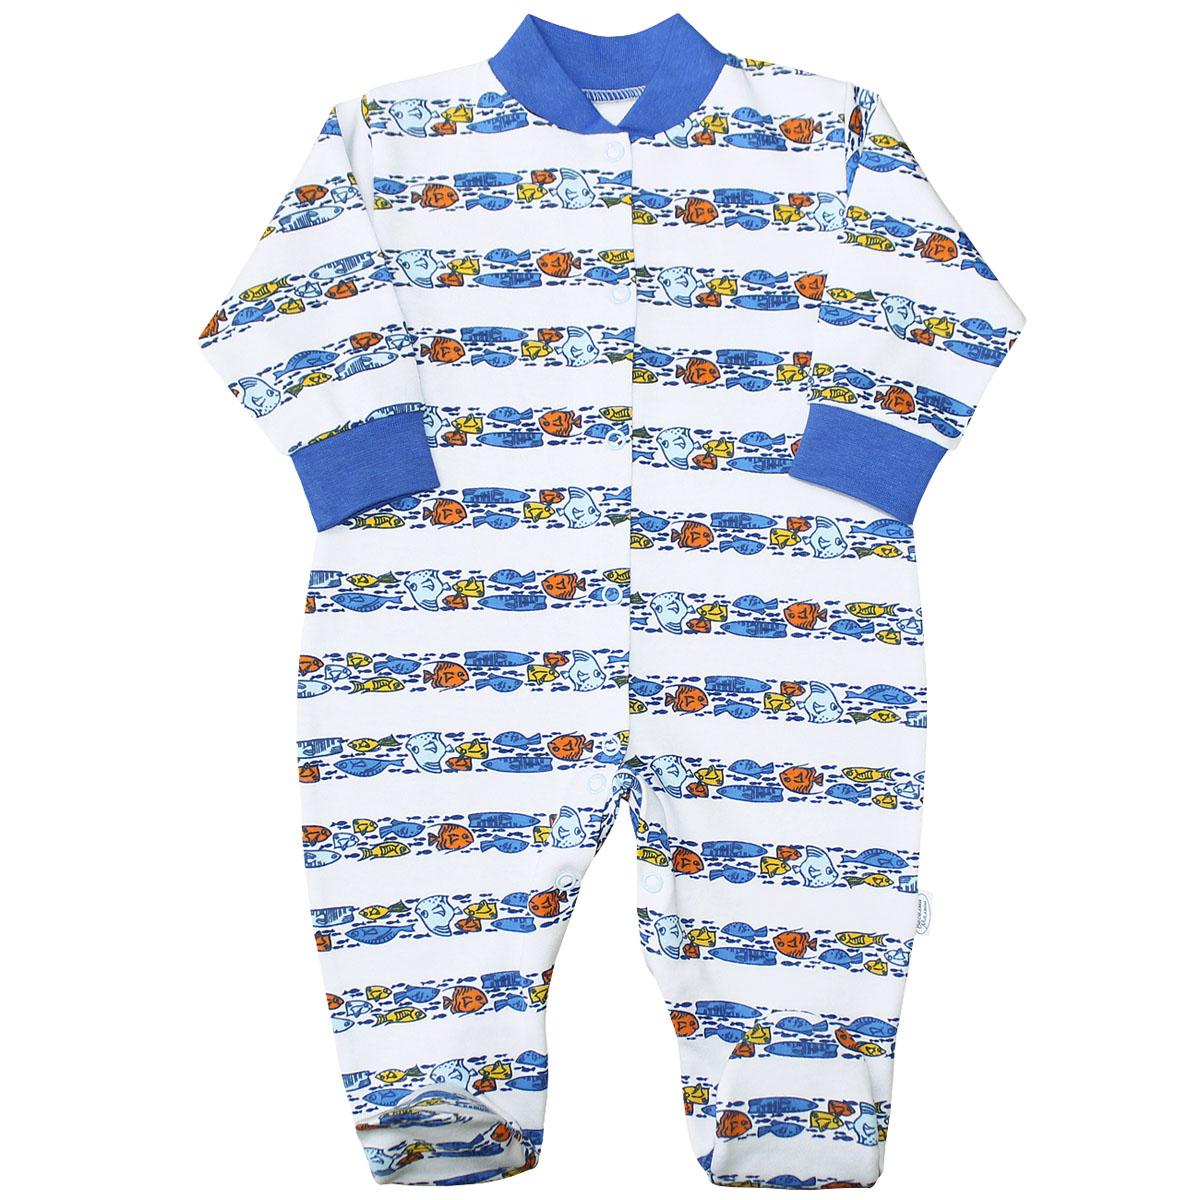 Комбинезон домашний для мальчика Веселый малыш Морская жизнь, цвет: синий. 51322/мж-D (1). Размер 74 комбинезоны и полукомбинезоны веселый малыш комбинезон олени 51142